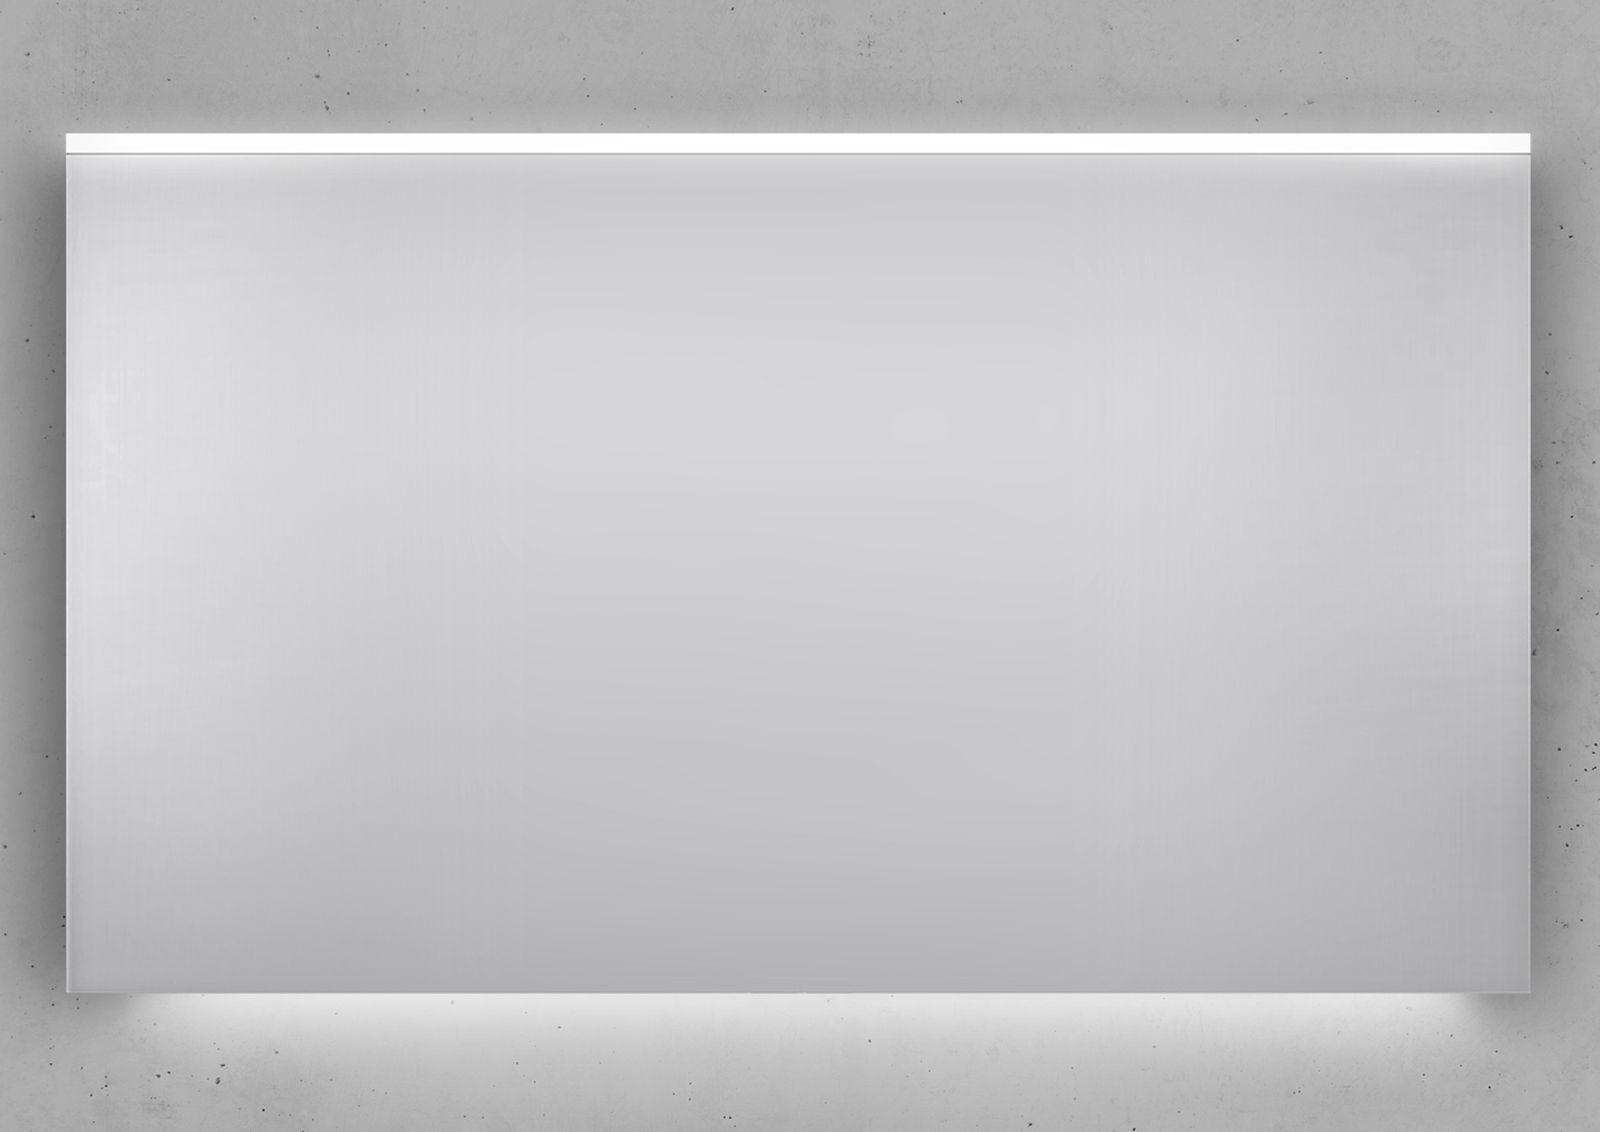 Vidaxl Badezimmer Wandspiegel Mit Led 60 X 50 Cm In Leuchtdiode Spiegel Bietet Pfiffig Helligkei In 2020 Salon Interior Design Bathroom Mirror Interior Design Photos